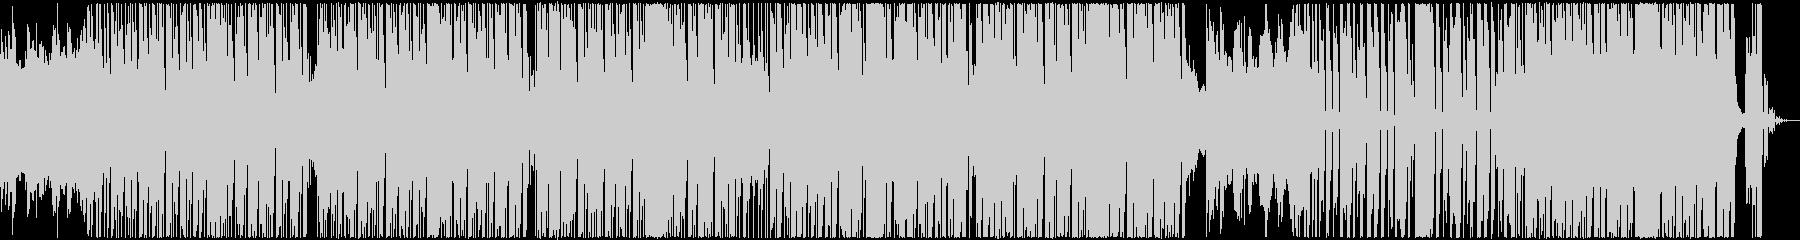 レゲトン研究所大胆なベースループを...の未再生の波形